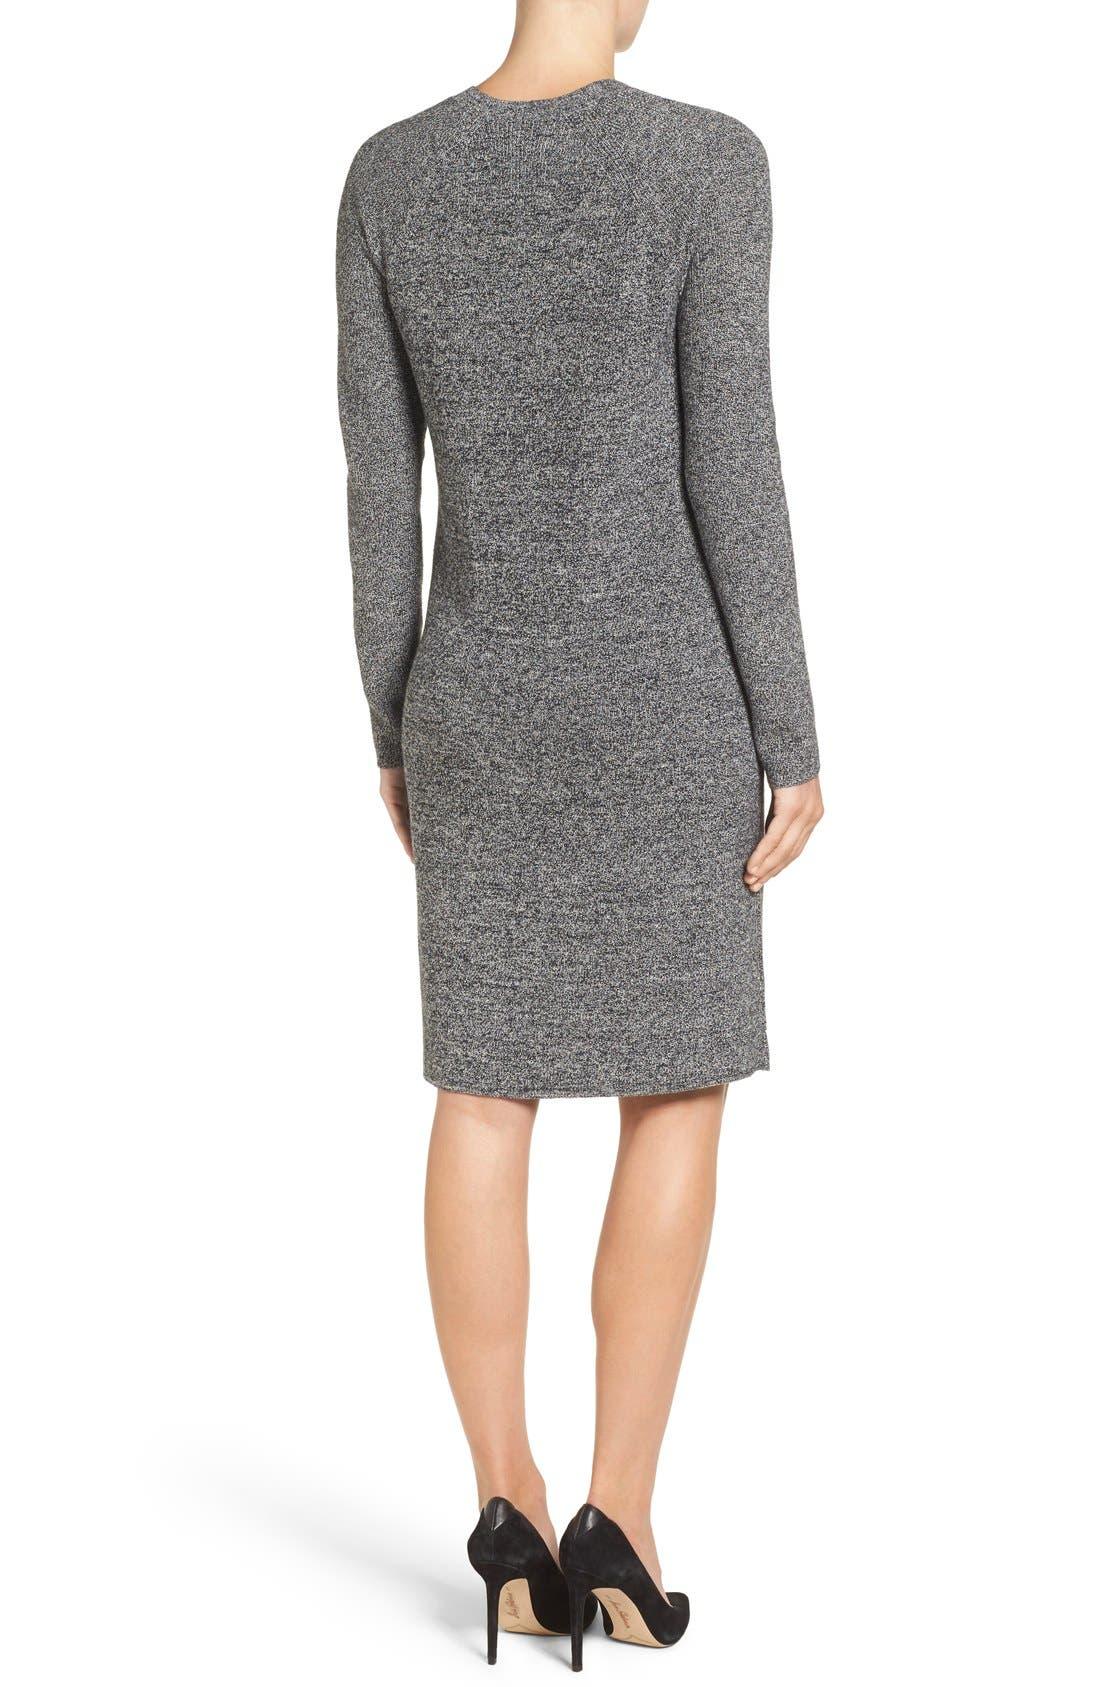 V-Neck Sweater Dress,                             Alternate thumbnail 11, color,                             BLACK- WHITE MARL